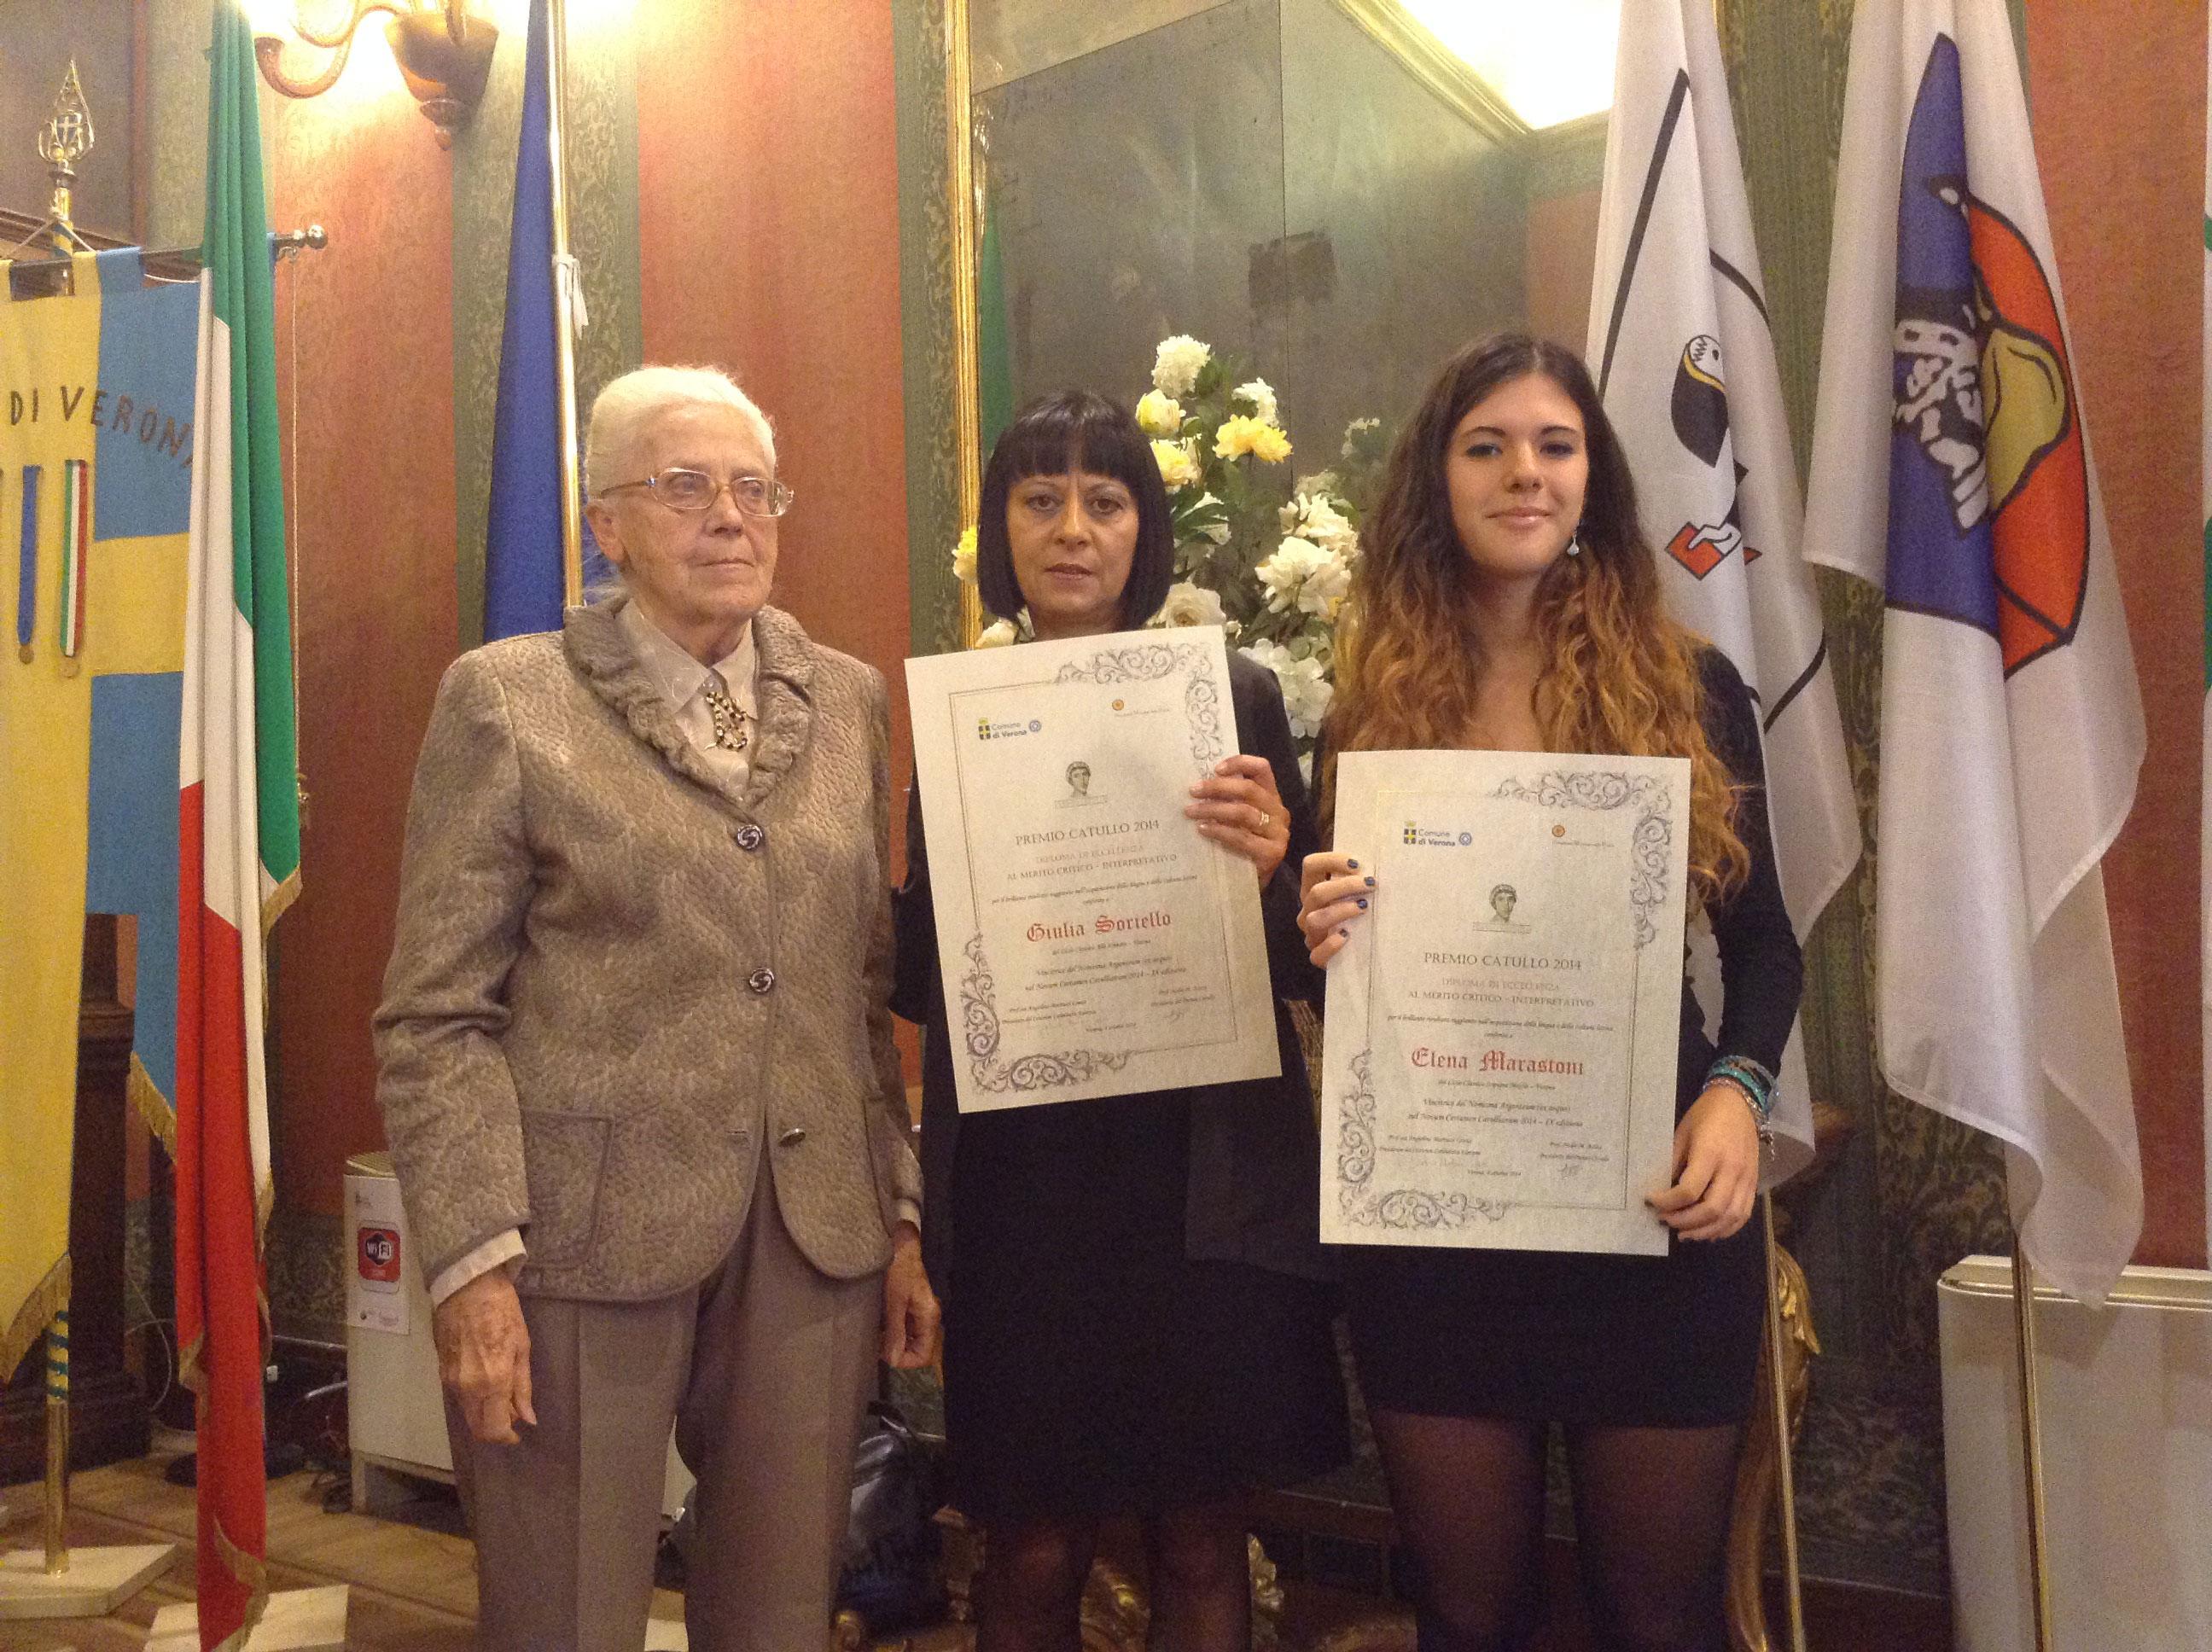 La professoressa Angiolina Lanza con gli alunni vincitori del Premio Catullo